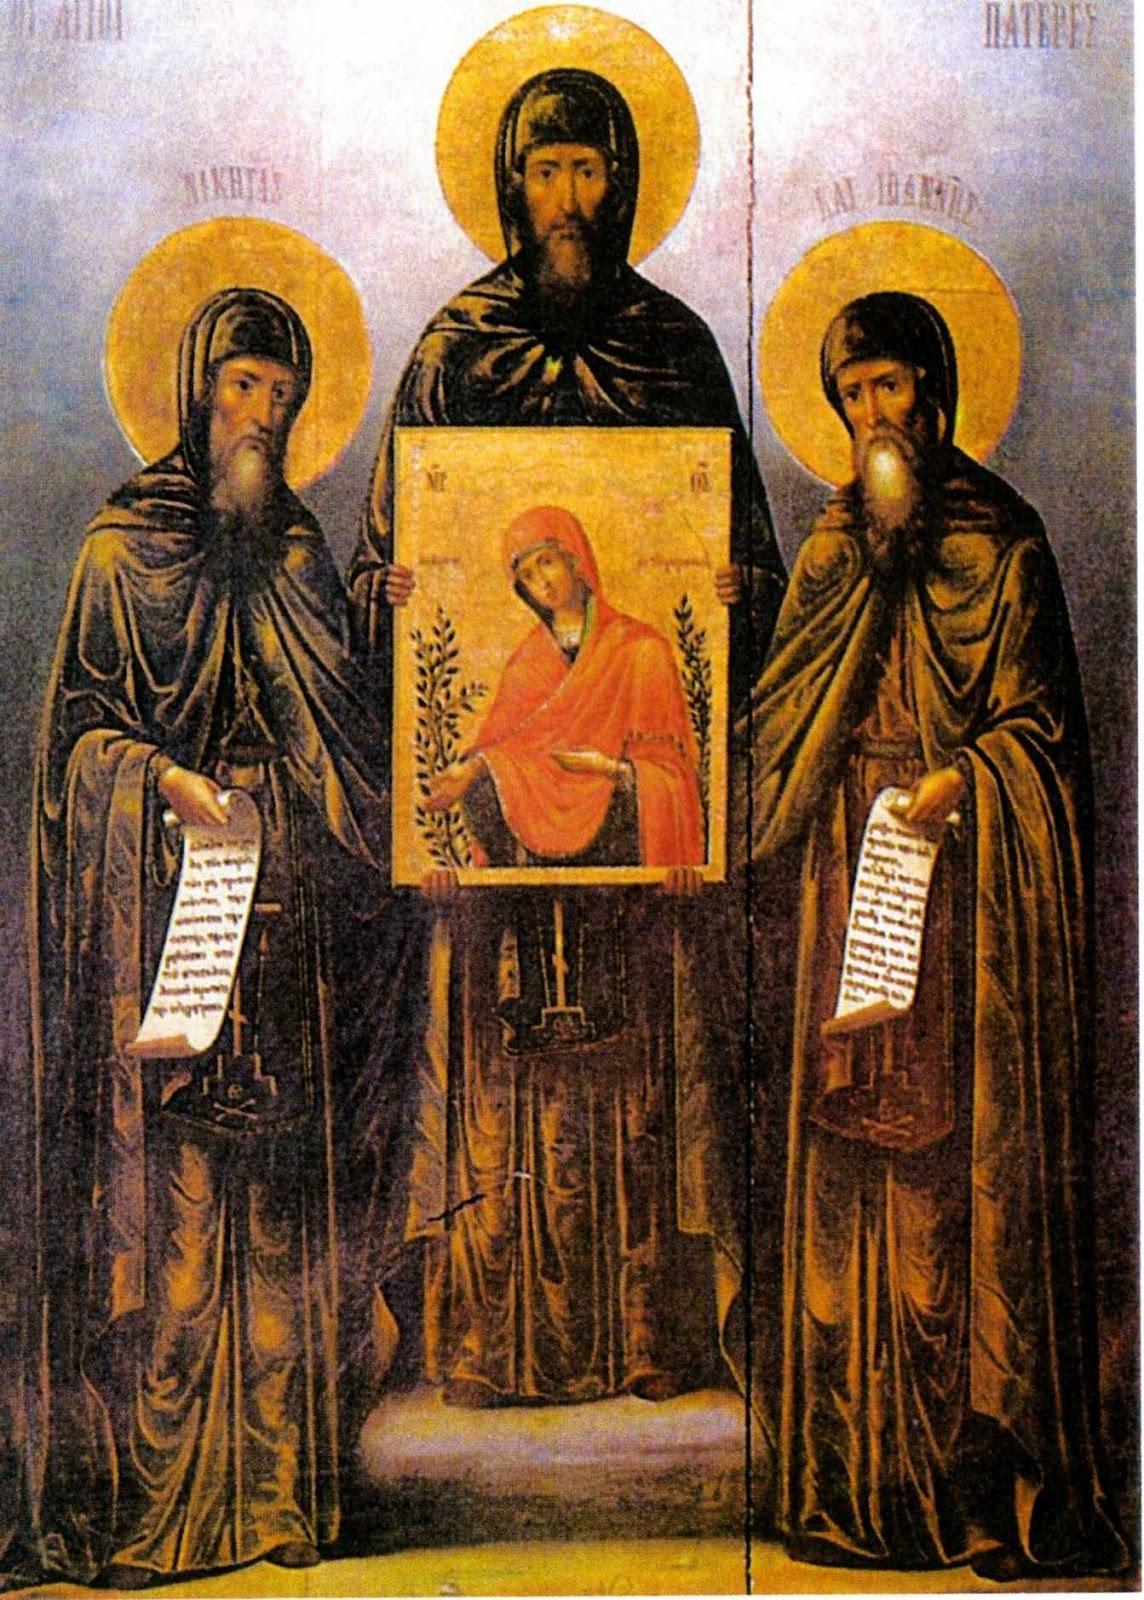 Τρεις Άγιοι Κτίτορες Νέας Μονής